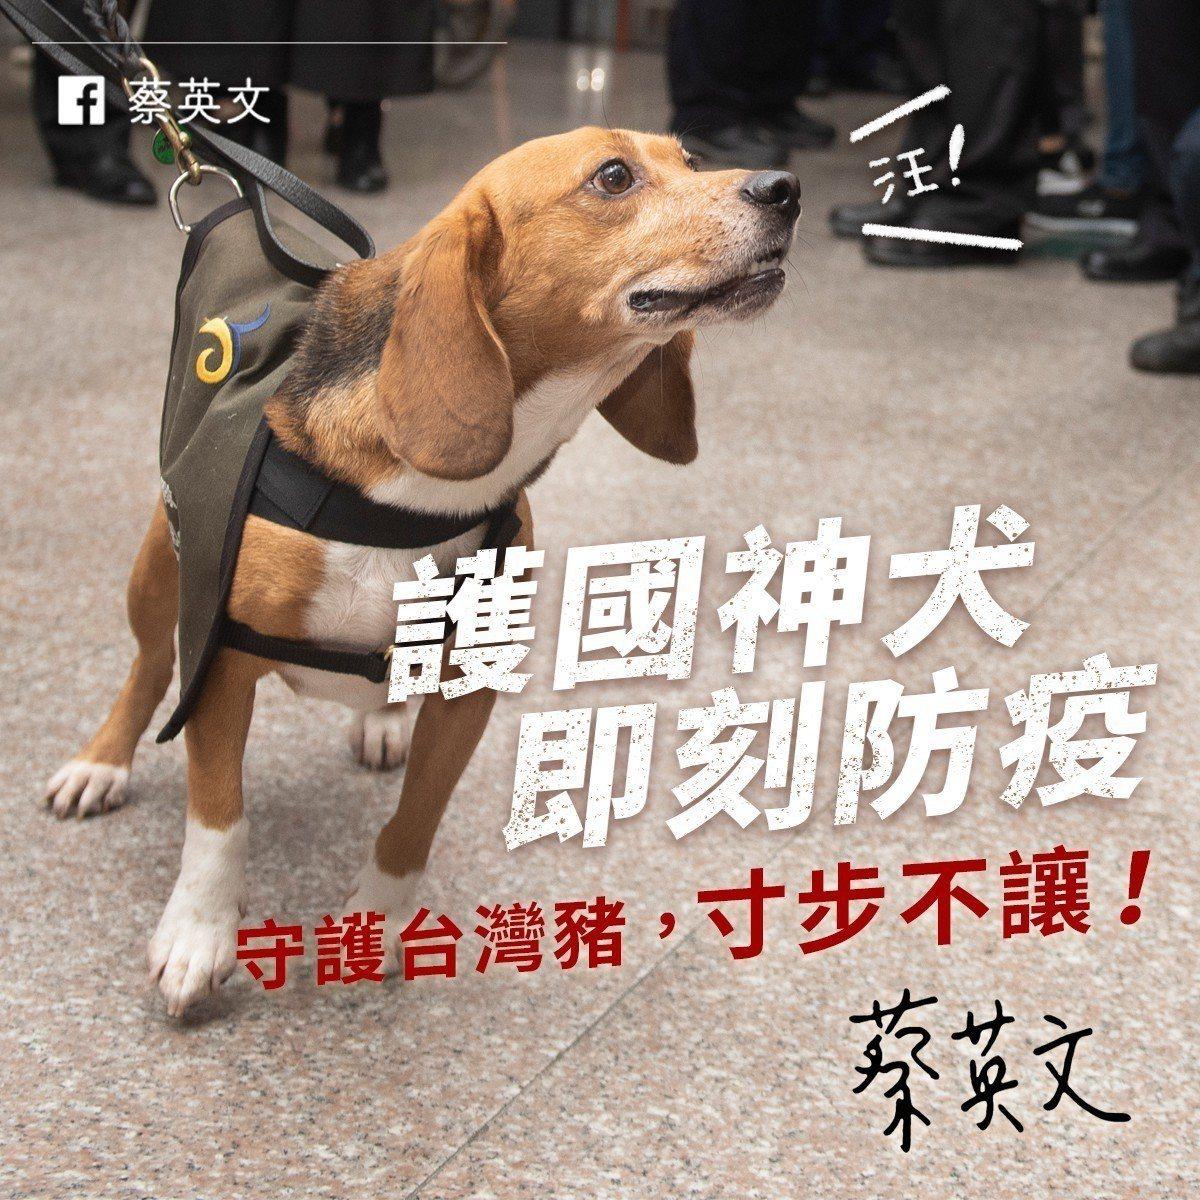 蔡英文總統在臉書張貼「護國神犬」米格魯檢疫犬的照片。圖/擷取自蔡英文臉書